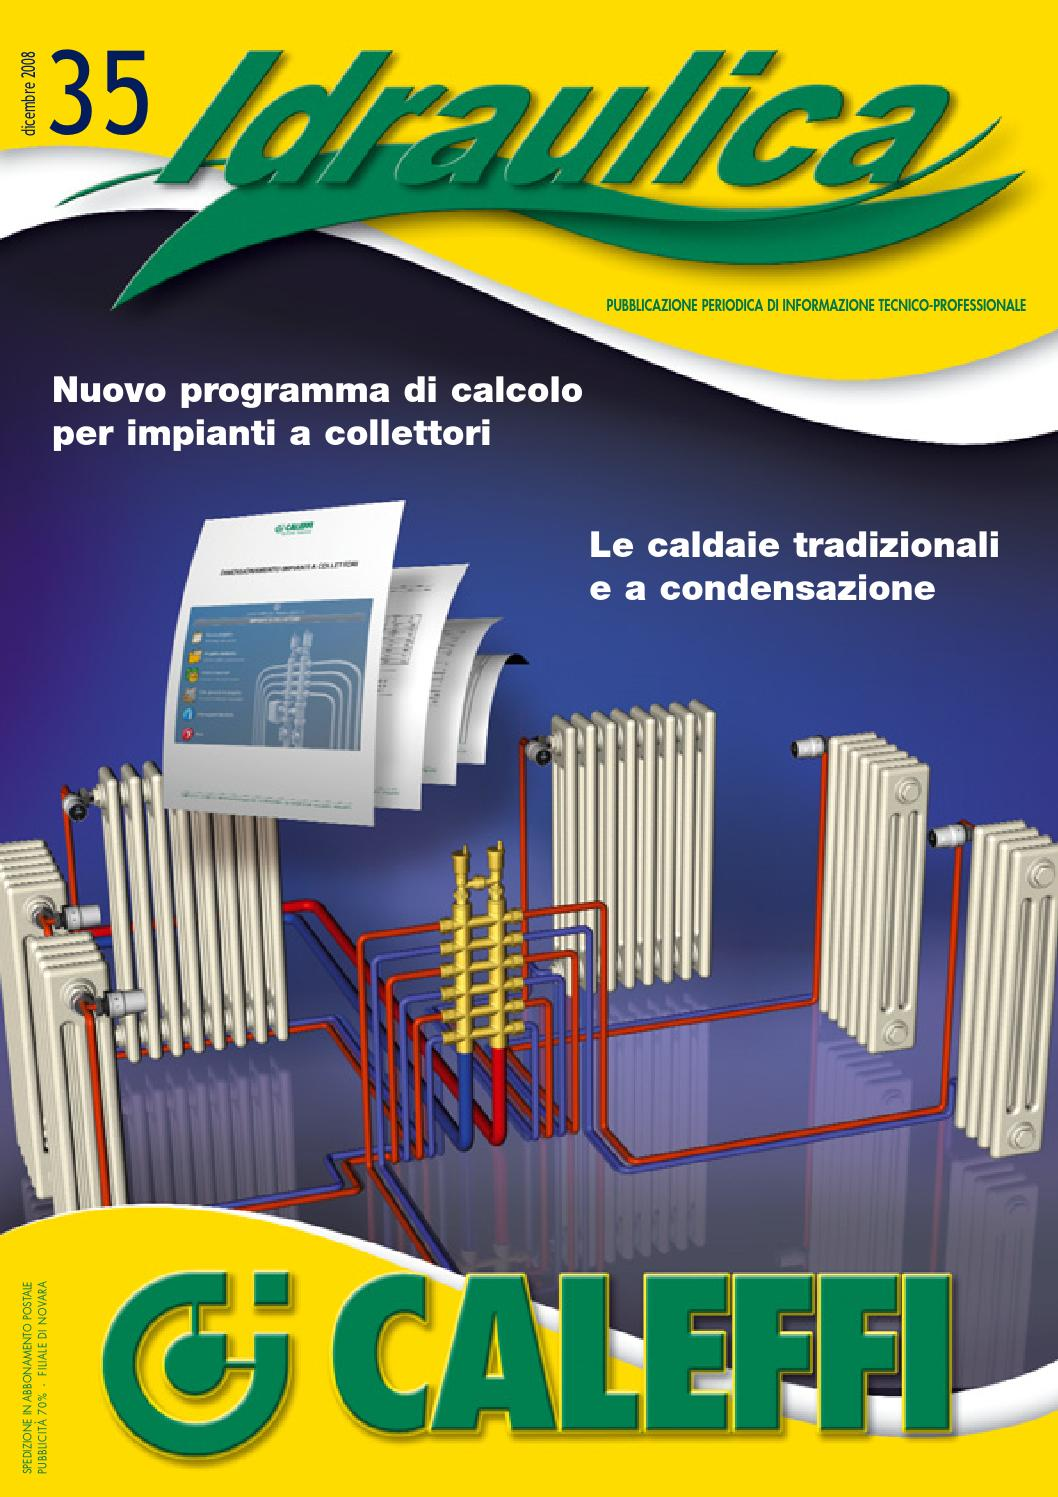 Idraulica 35 programma di calcolo per impianti a collettori by vincenzo babino issuu - Programma per calcolo posa piastrelle ...